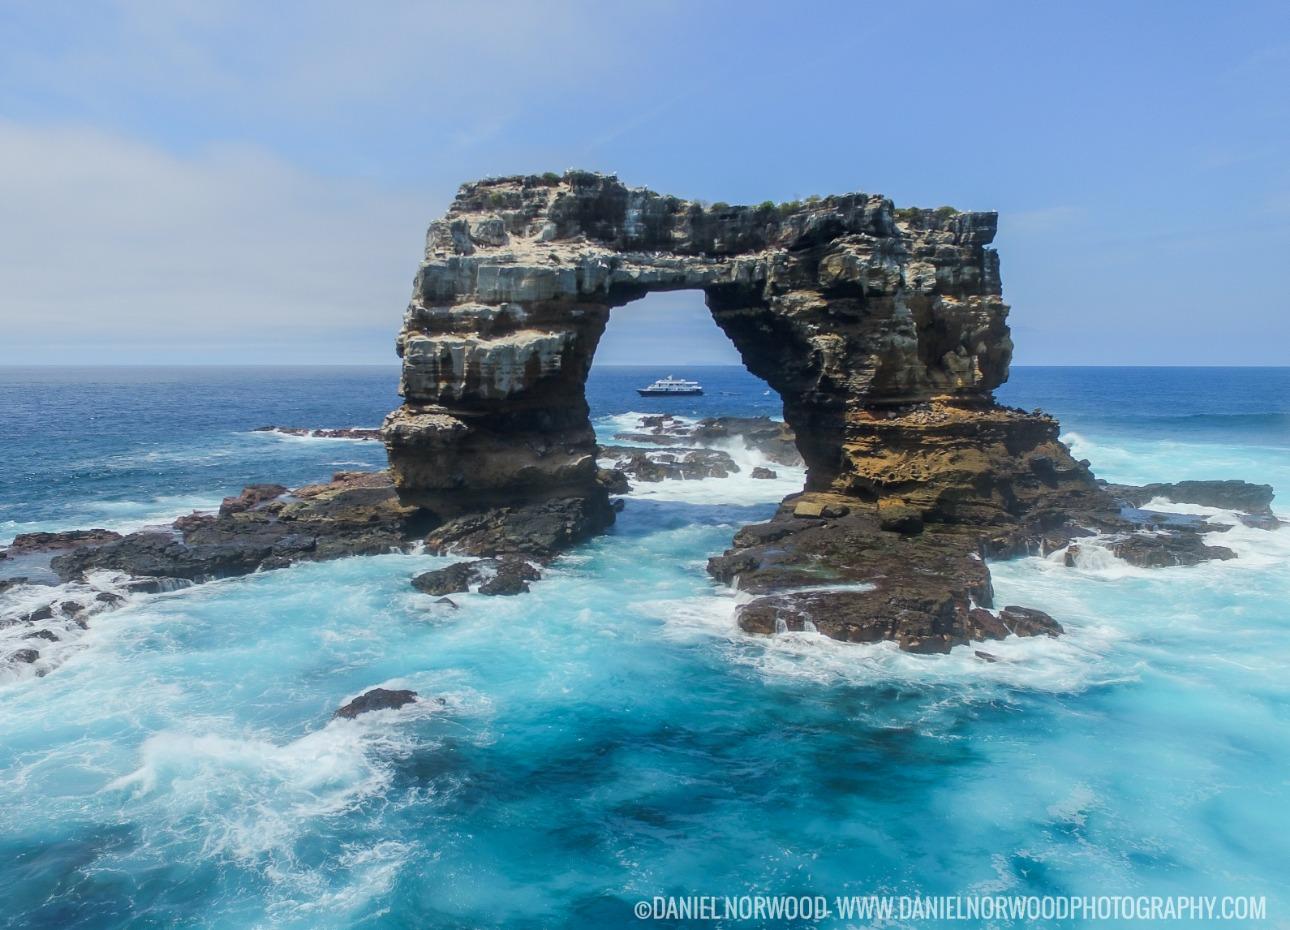 Darwin Arch in the Galapagos Islands